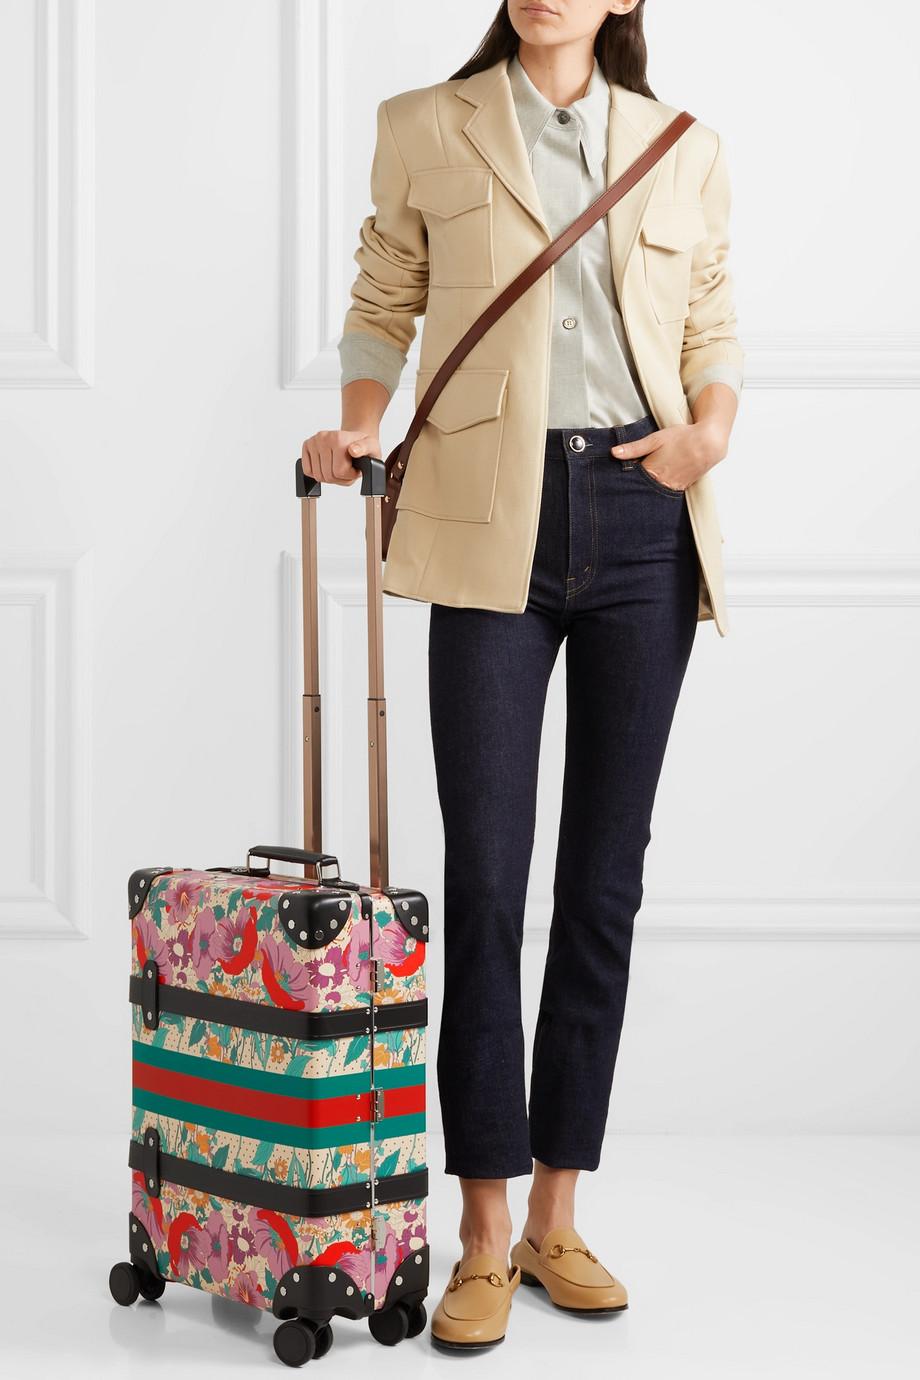 Ušminkani koferčići prizivaju putovanja